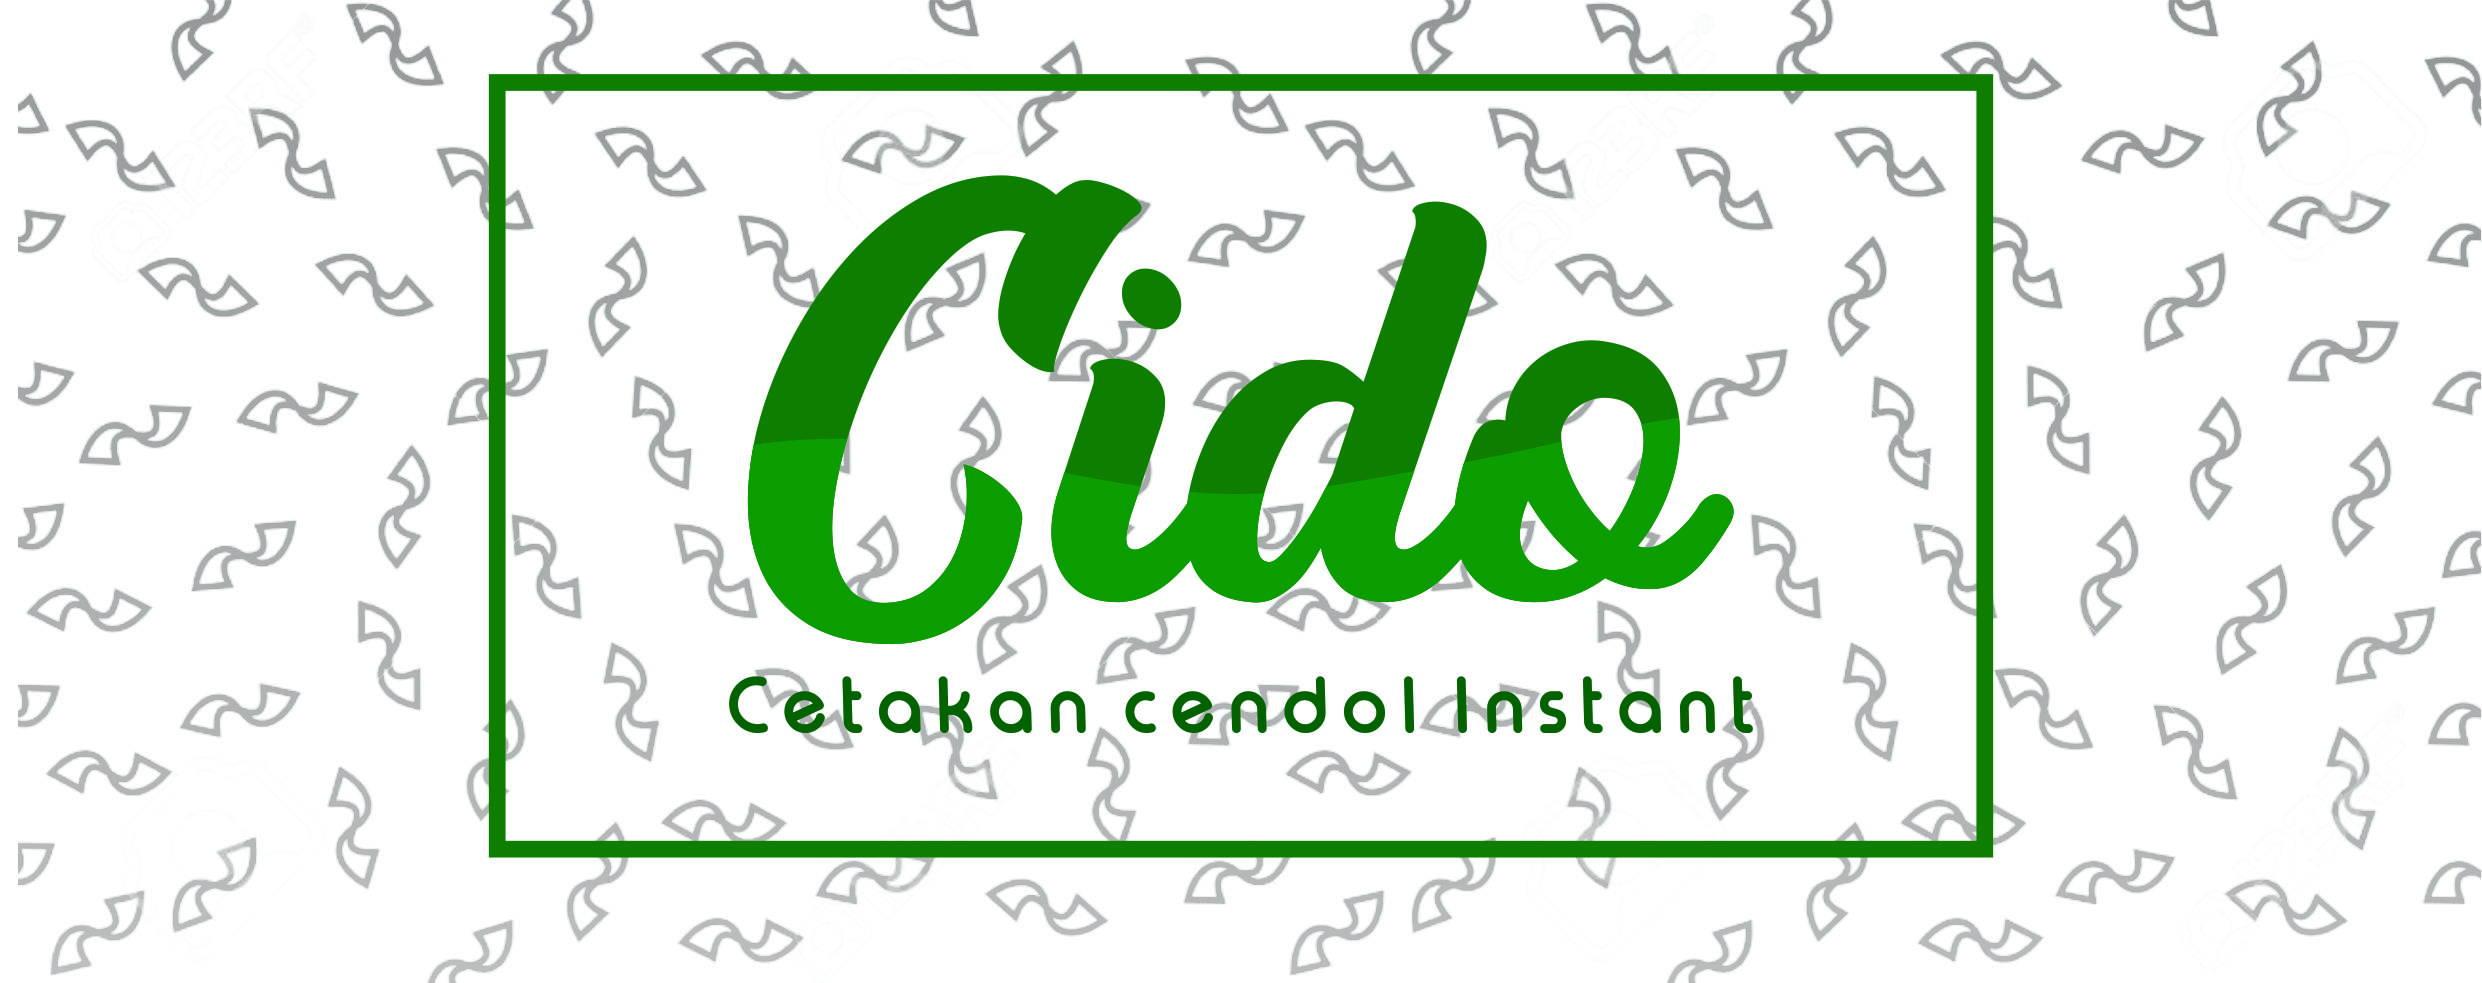 Cido Cetakan Cendol Instant Diskonmarket Dawet Ingin Buat Menu Berbuka Dengan Yang Manis Dan Segeeer Keluarga